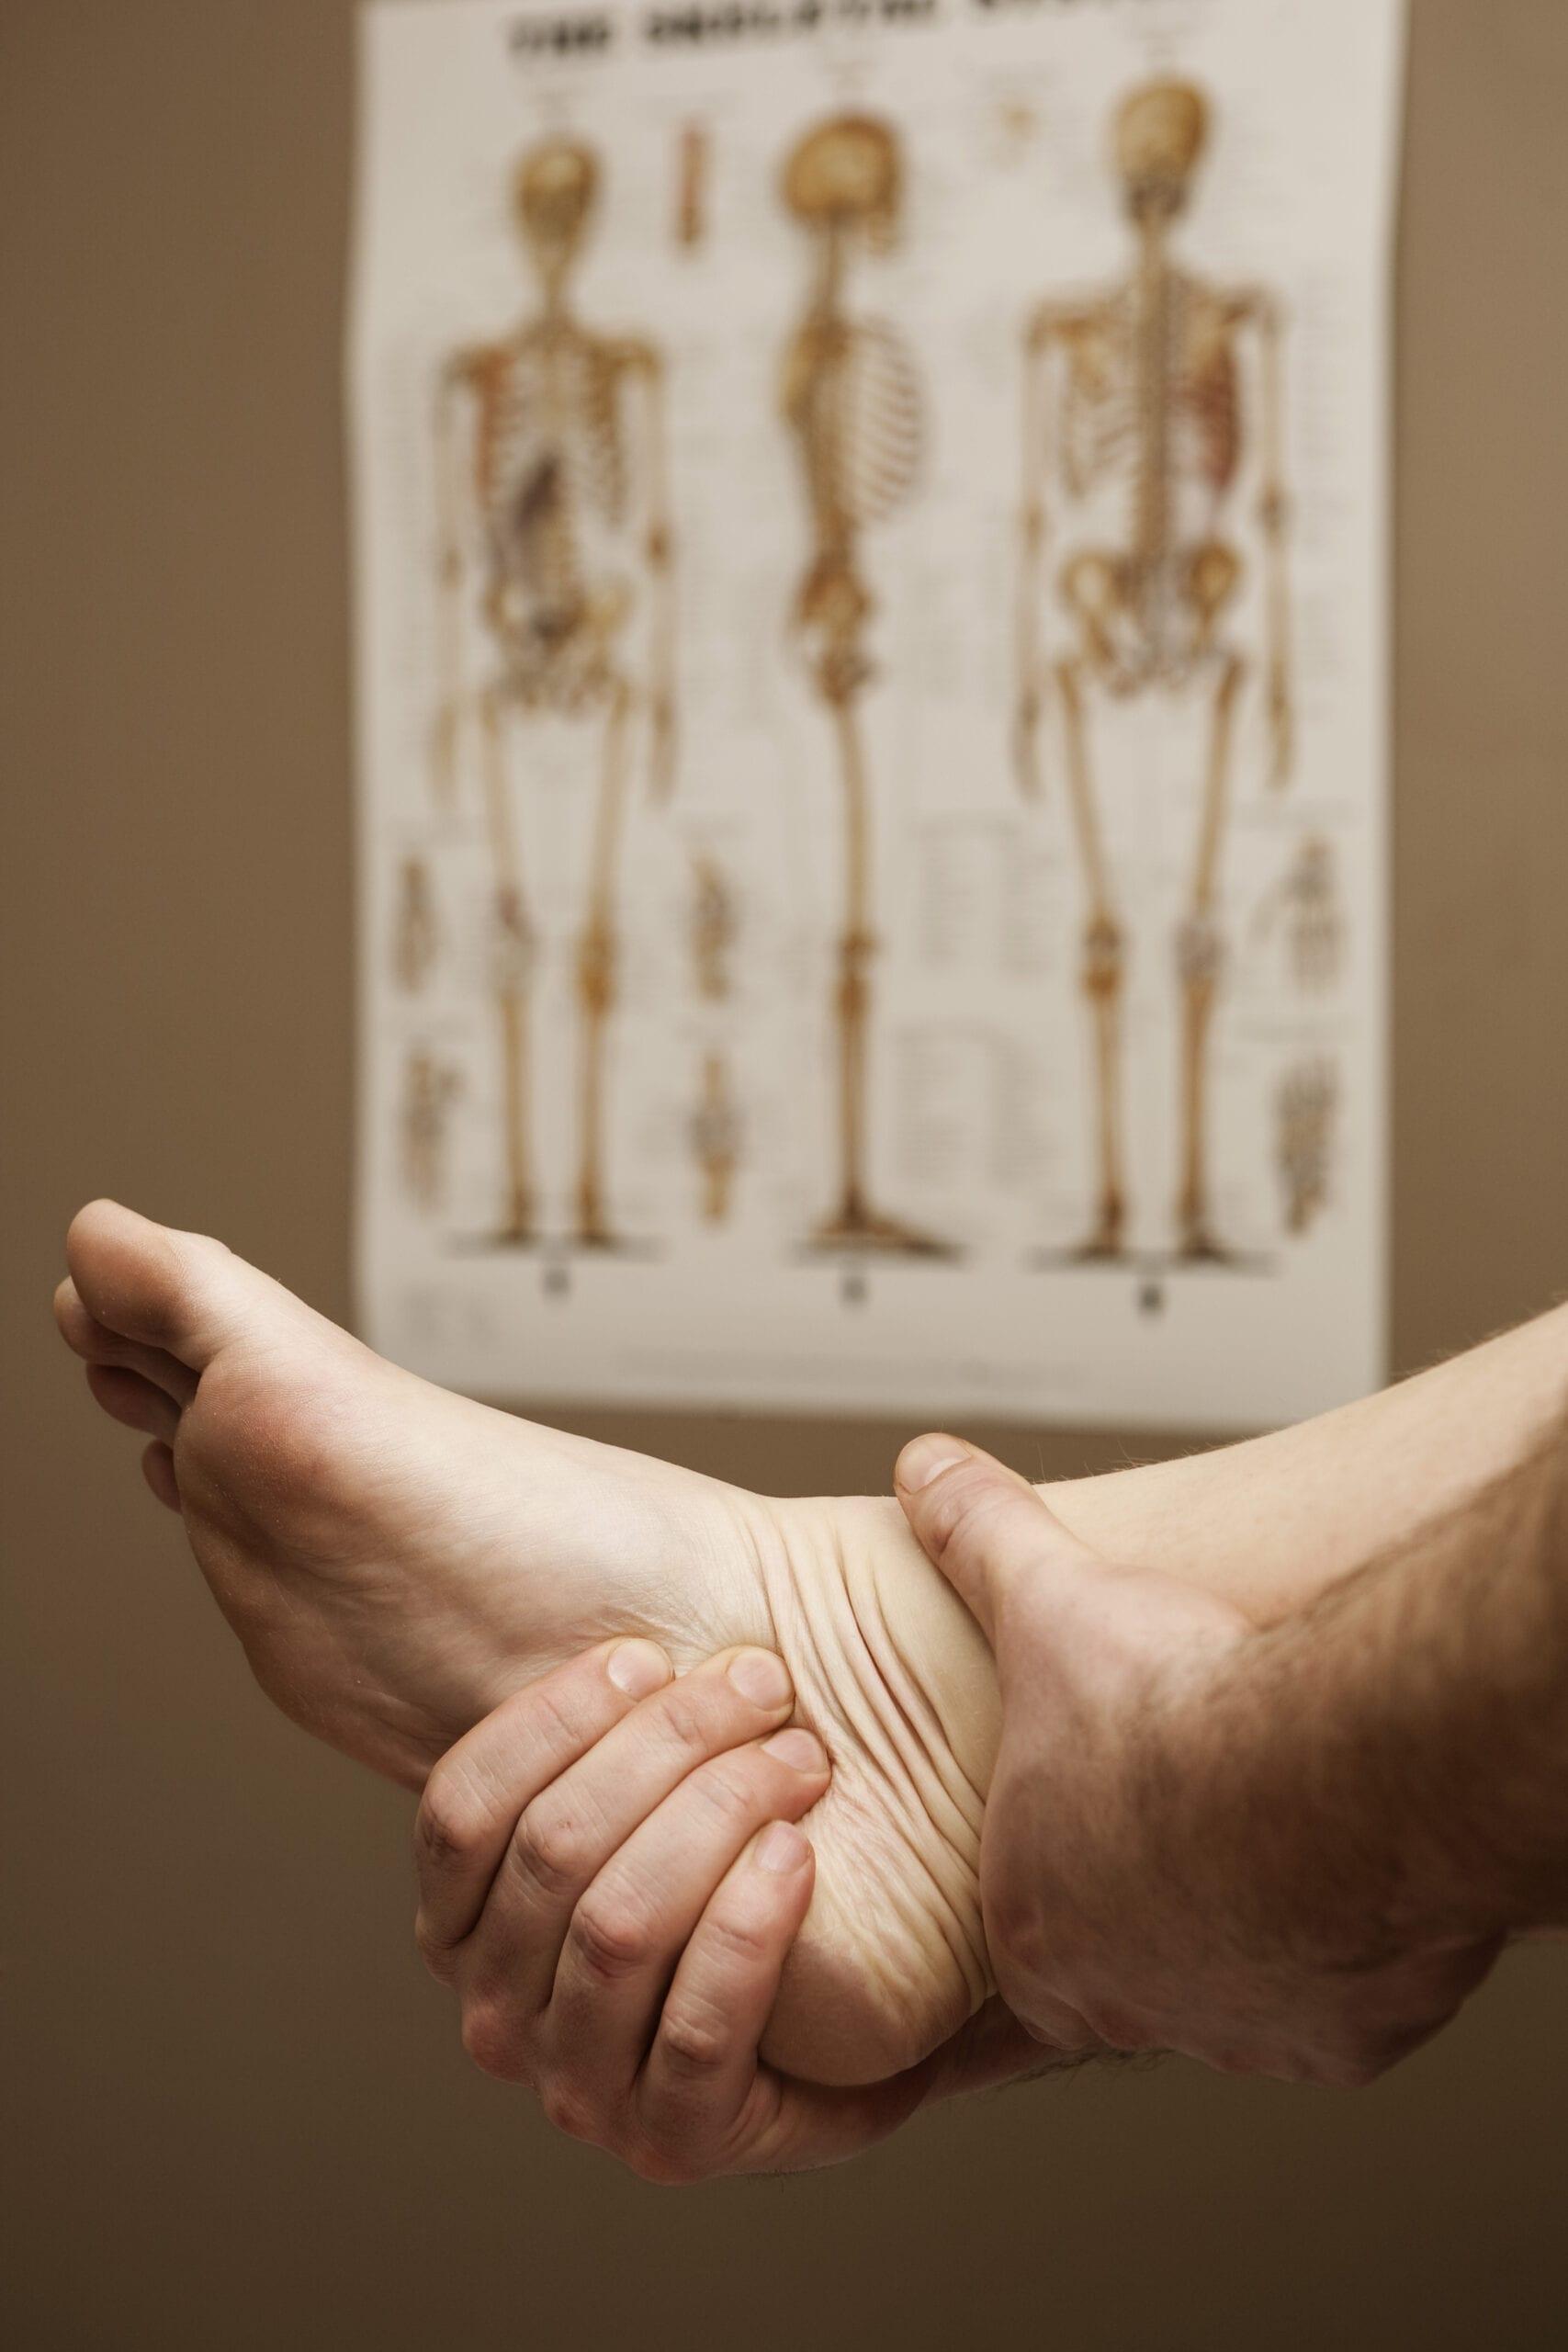 Undersøgelse af fod i forbindelse med fysioterapi